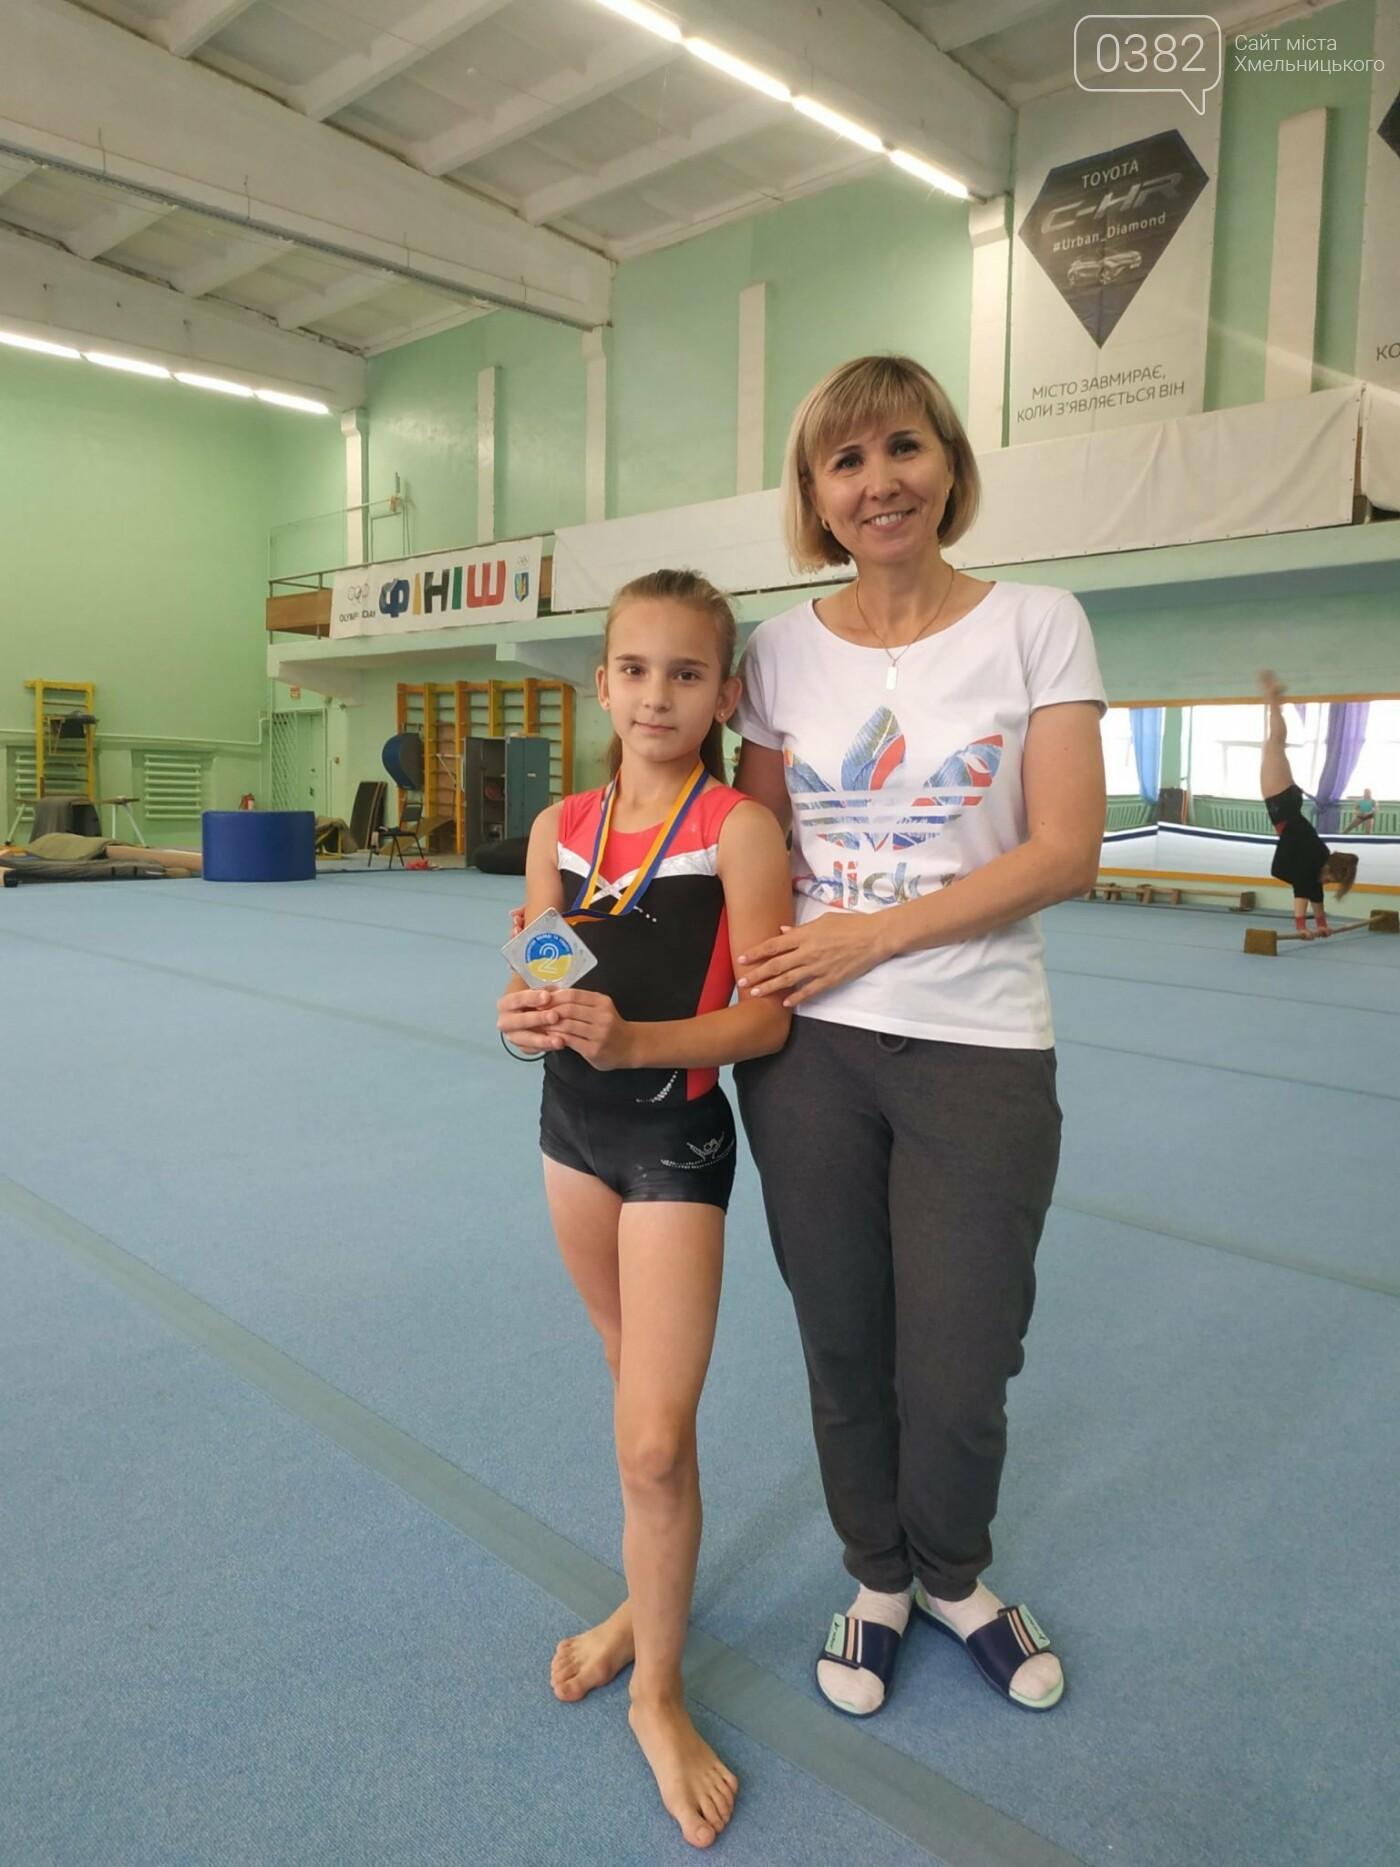 Хмельничанка зійшла на п'єдестал всеукраїнських змагань зі спортивної гімнастики, фото-3